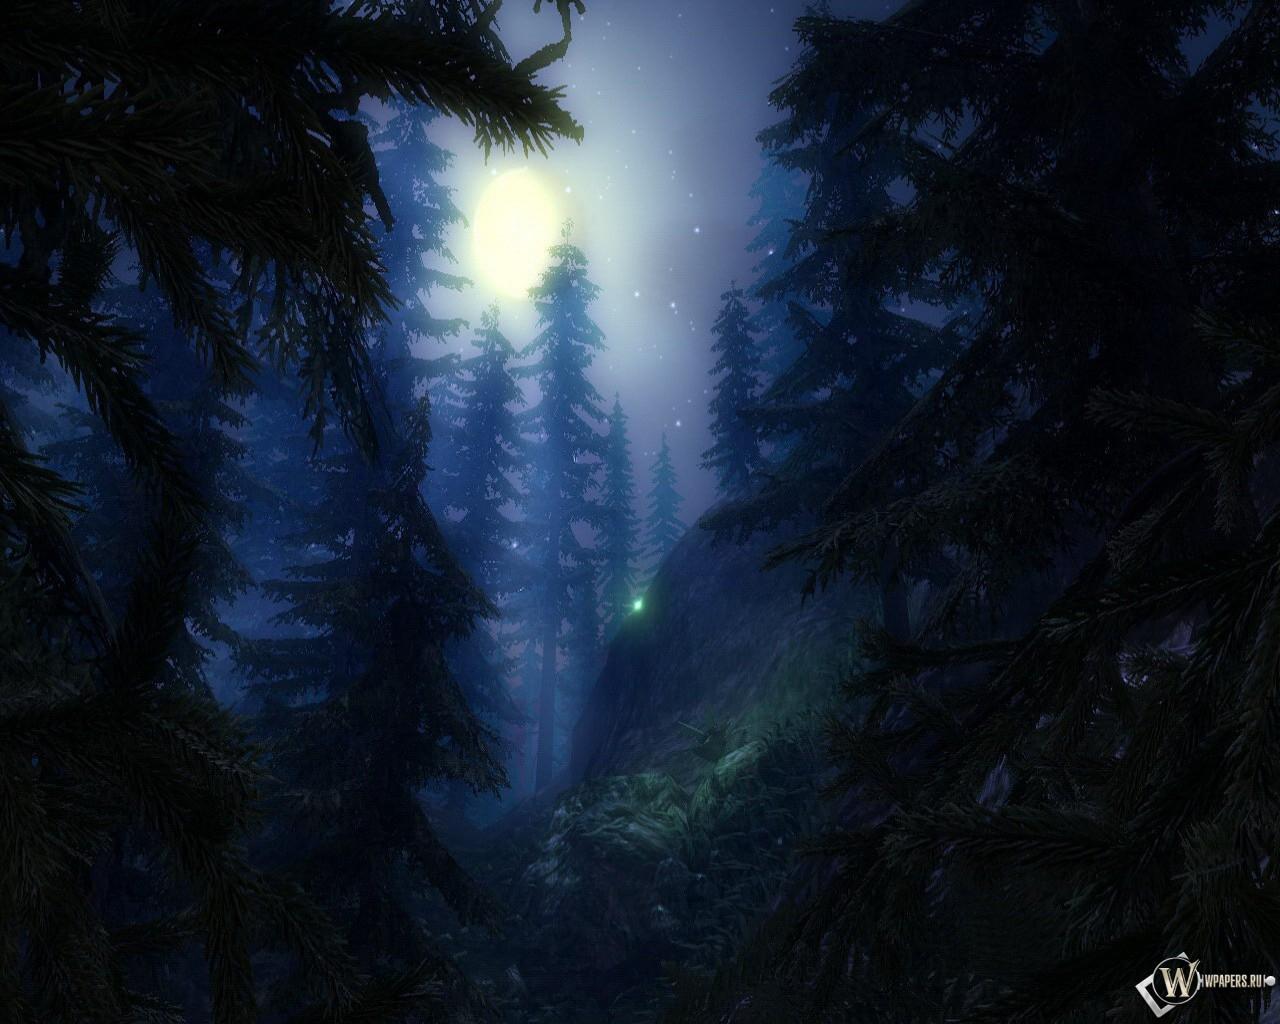 Загадочный лес 1280x1024